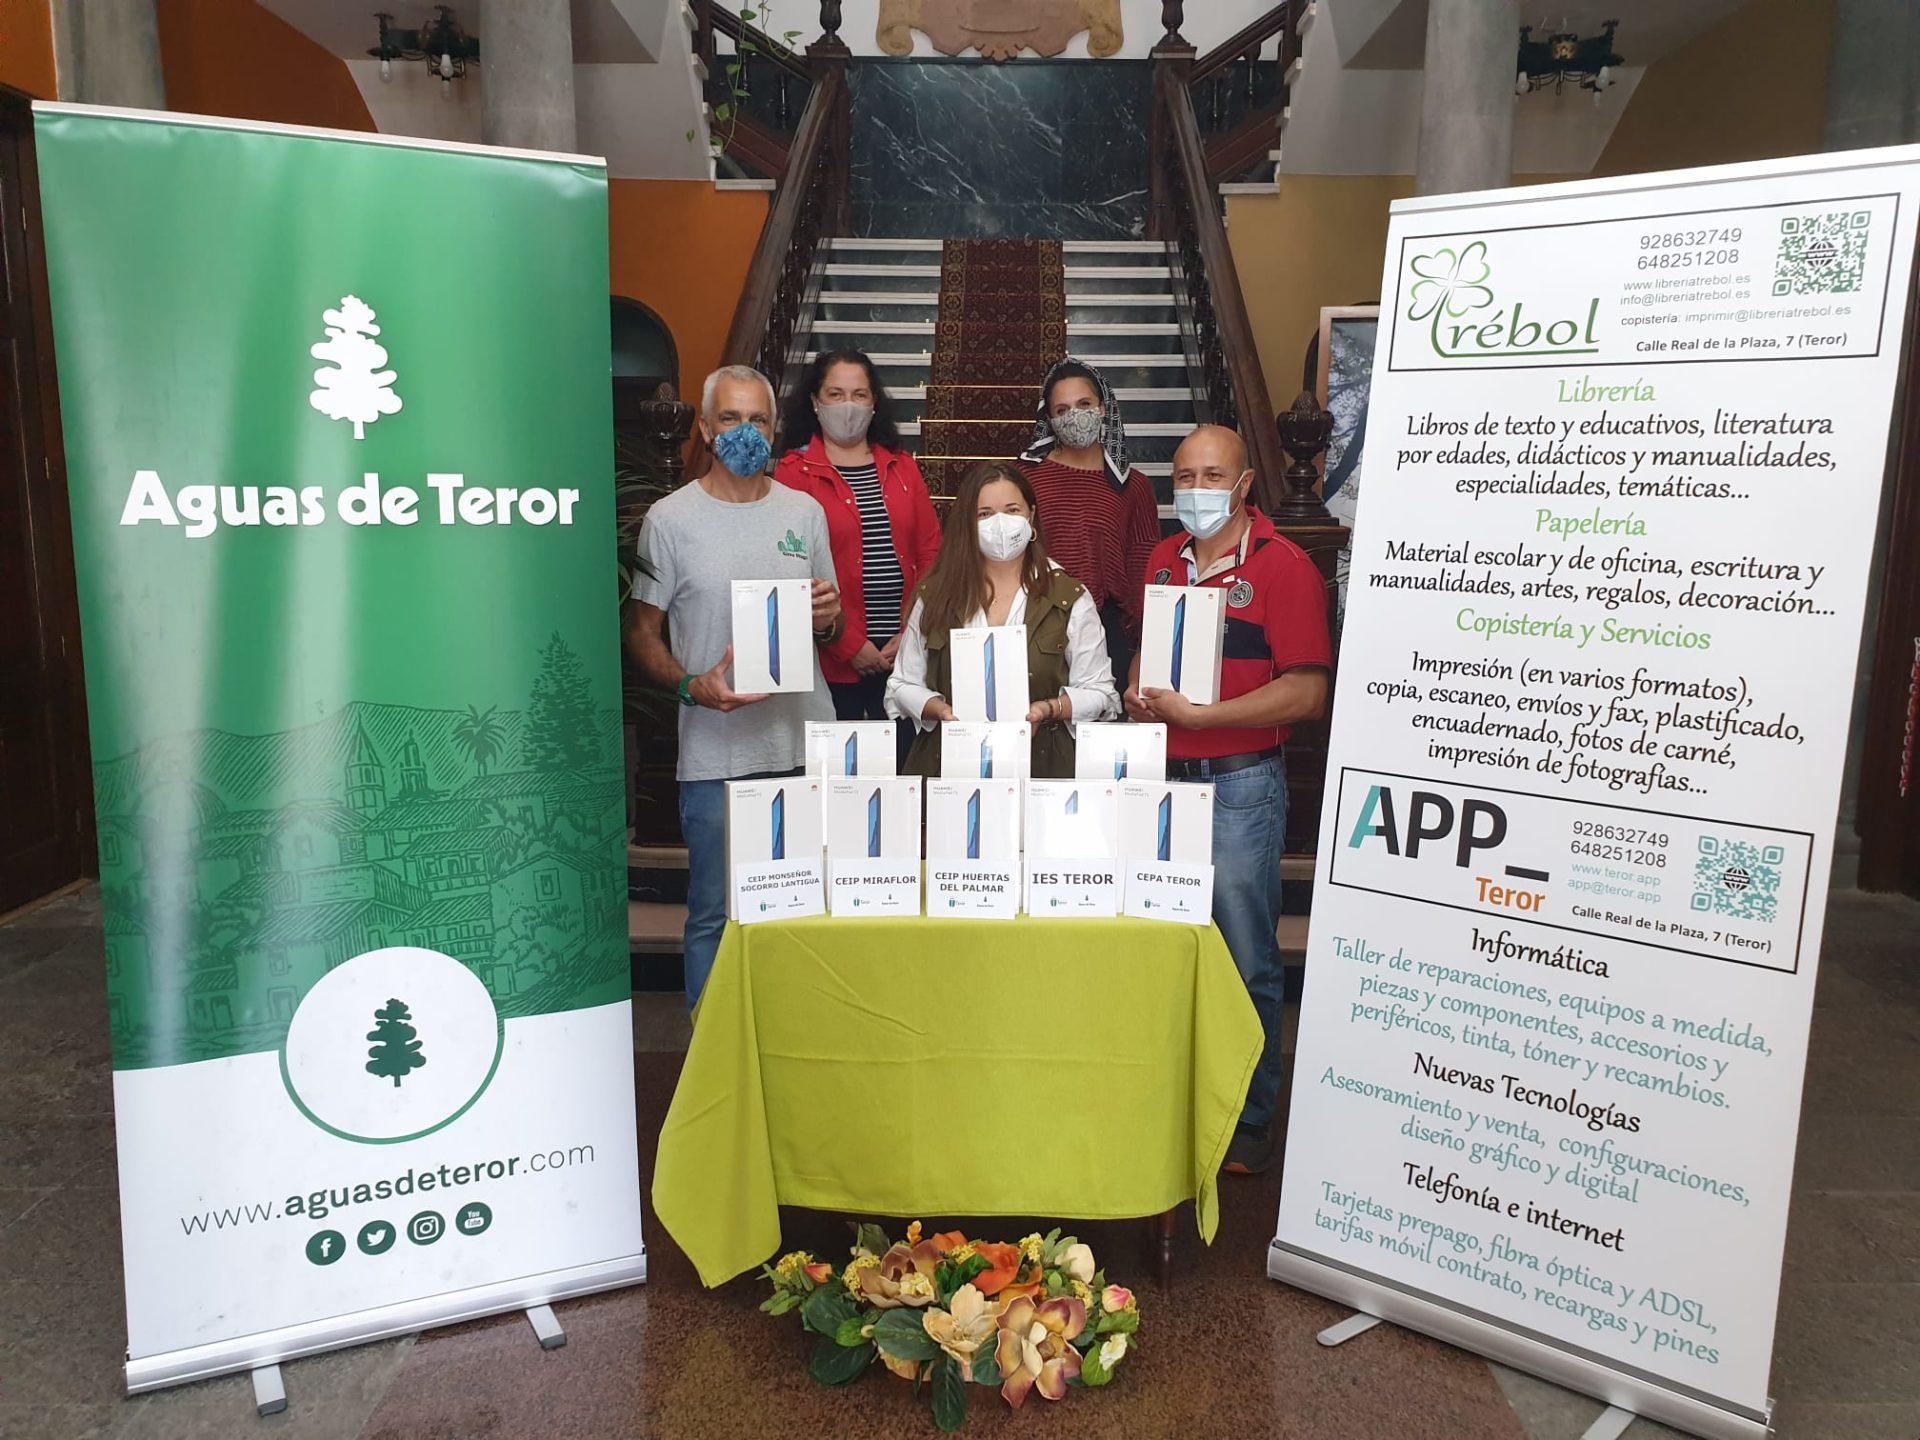 Aguas de Teror EDUCA entrega tablets a los centros educativos del municipio